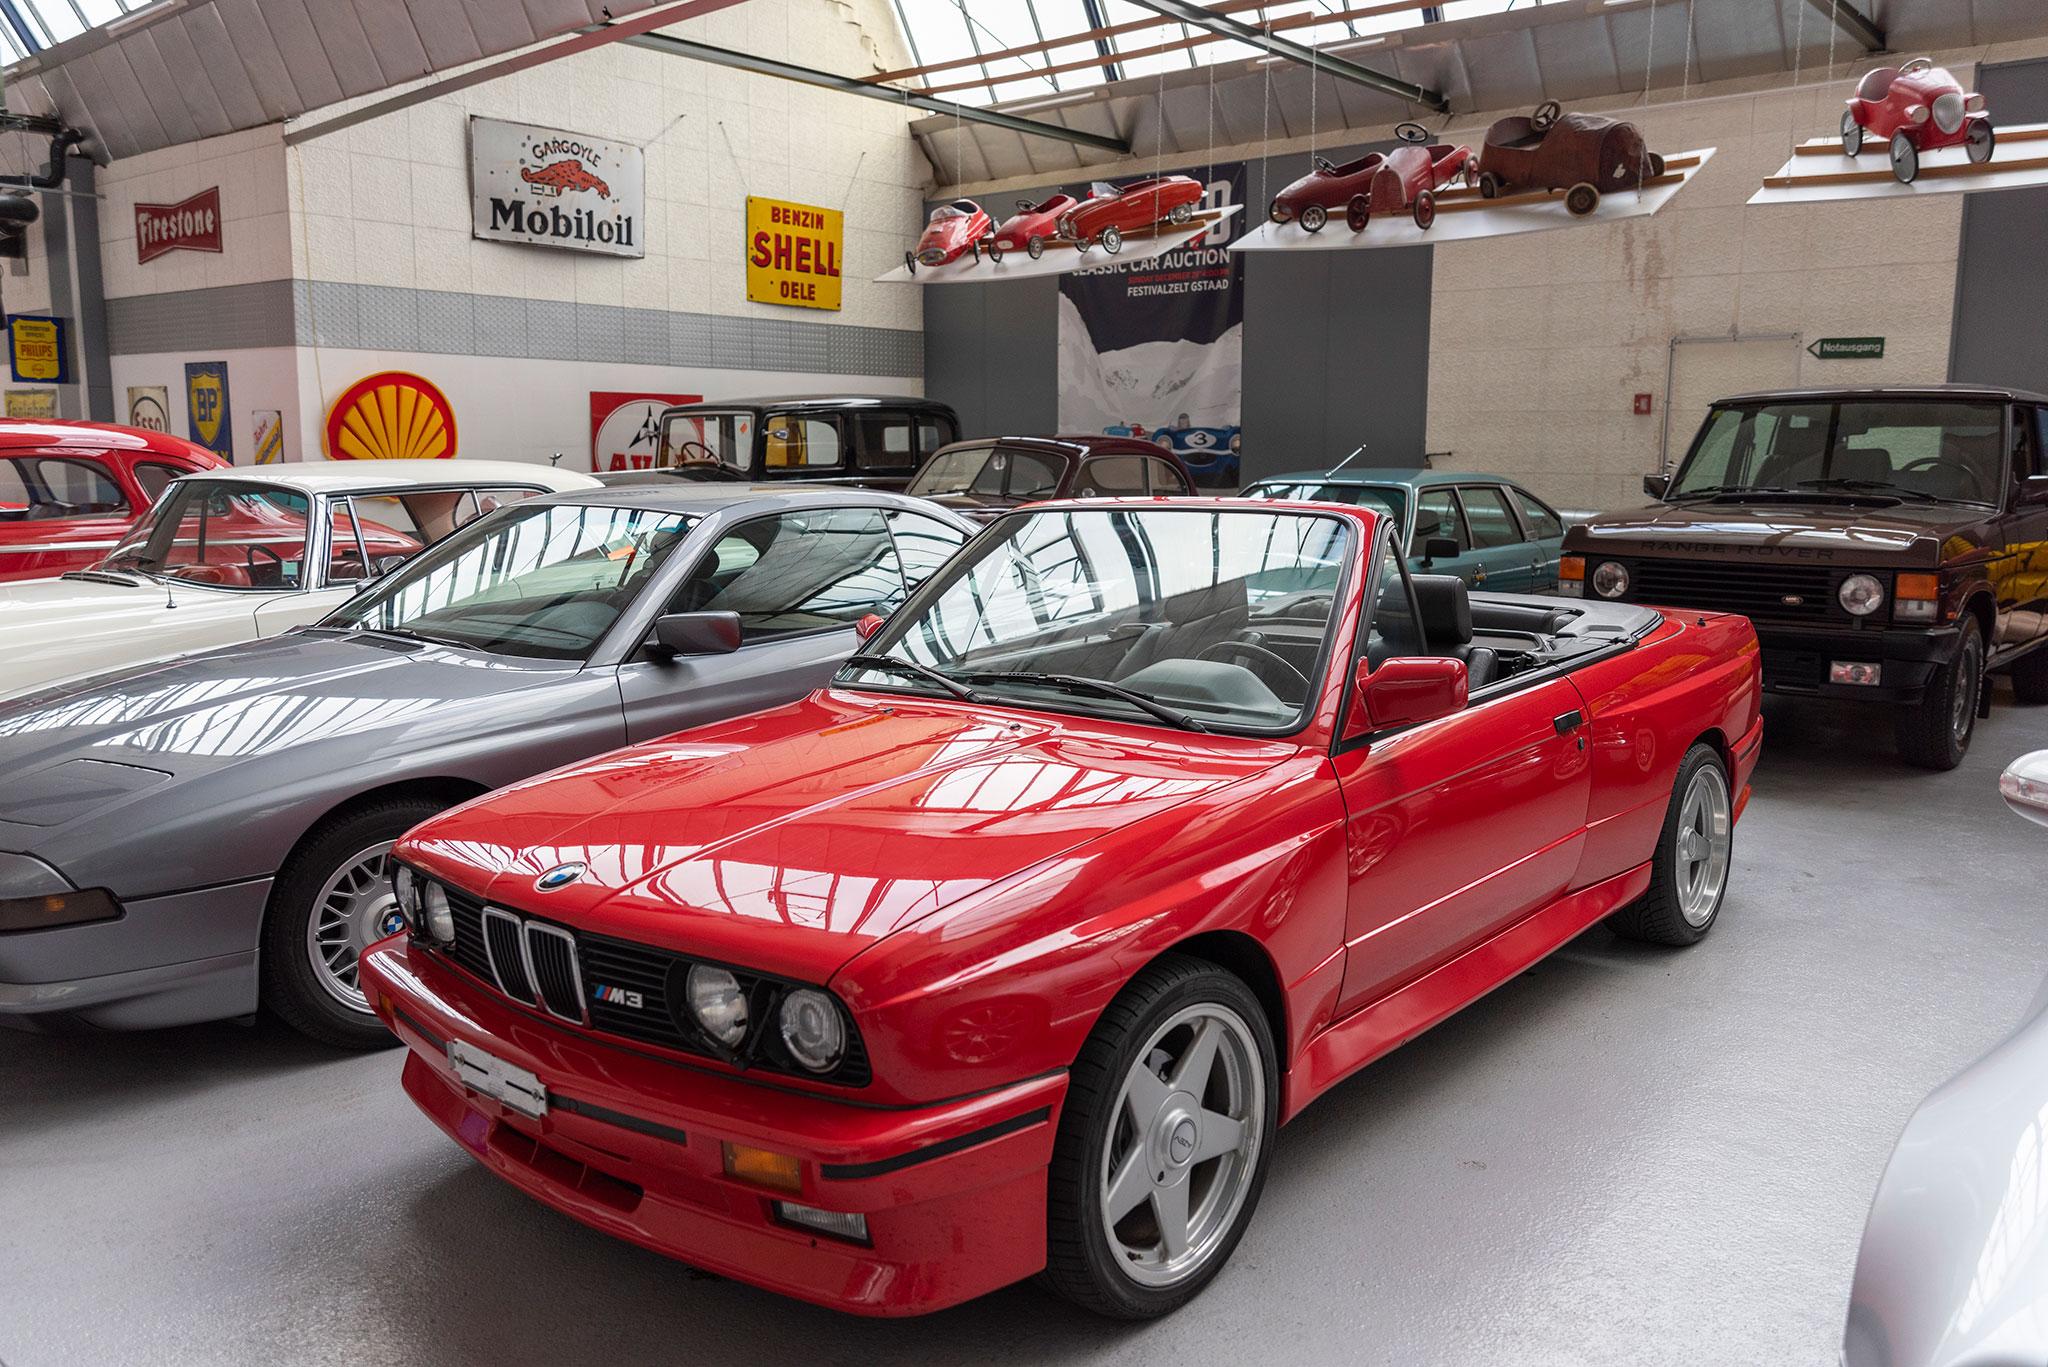 1991 BMW M3 E30 Cabriolet vue trois quarts avant gauche.